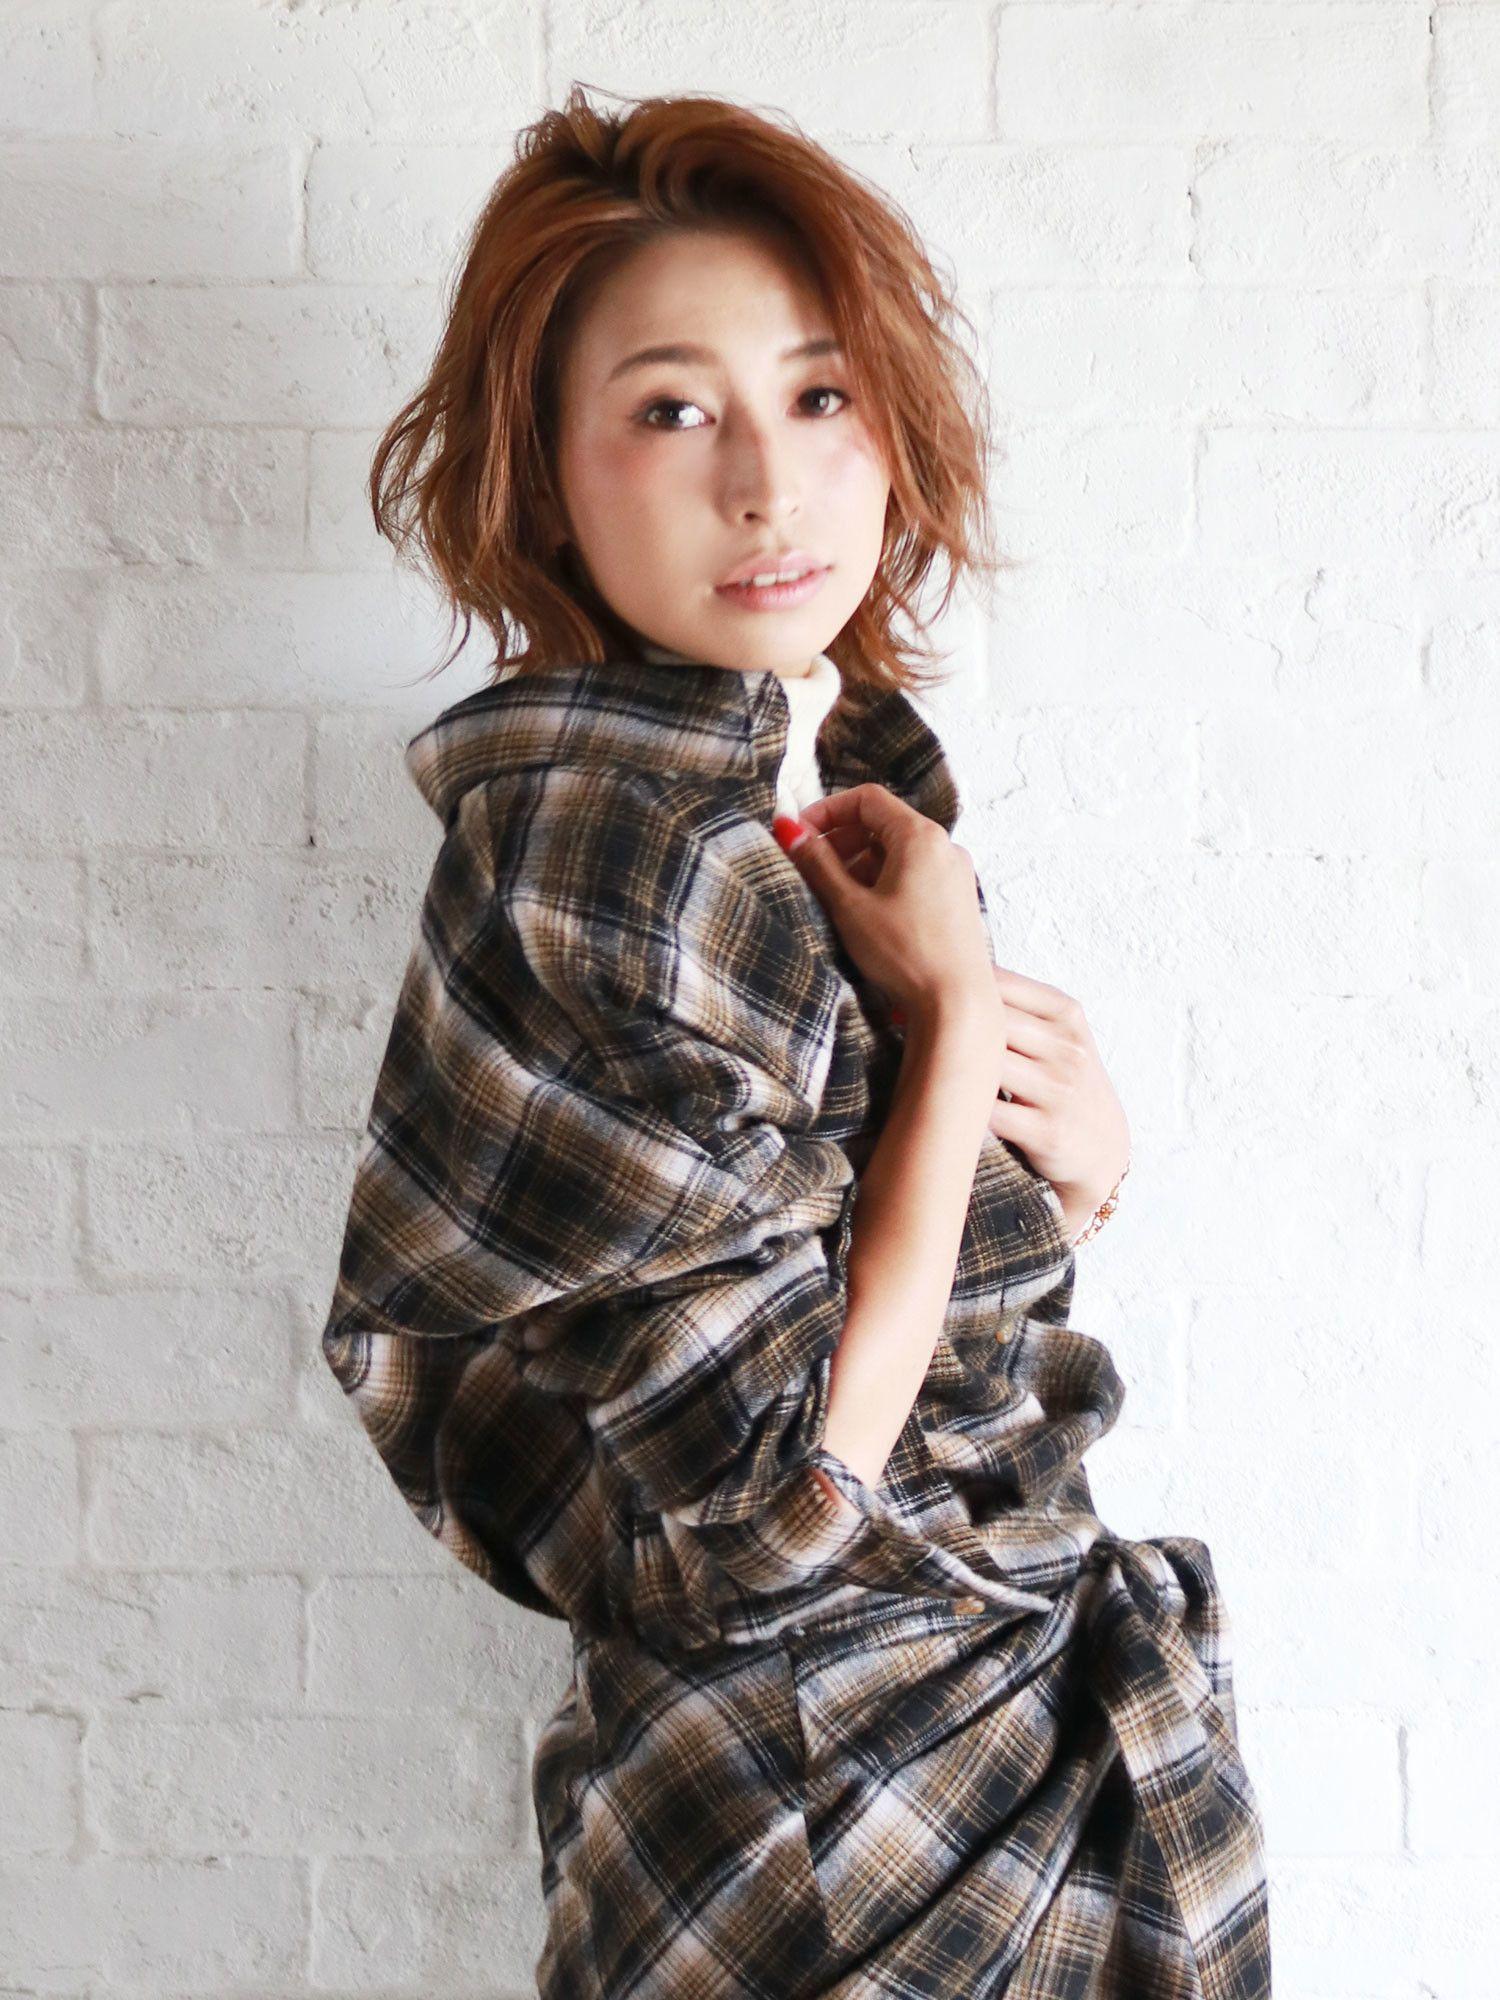 羊毛混紡寬寬鬆鬆格子襯衫